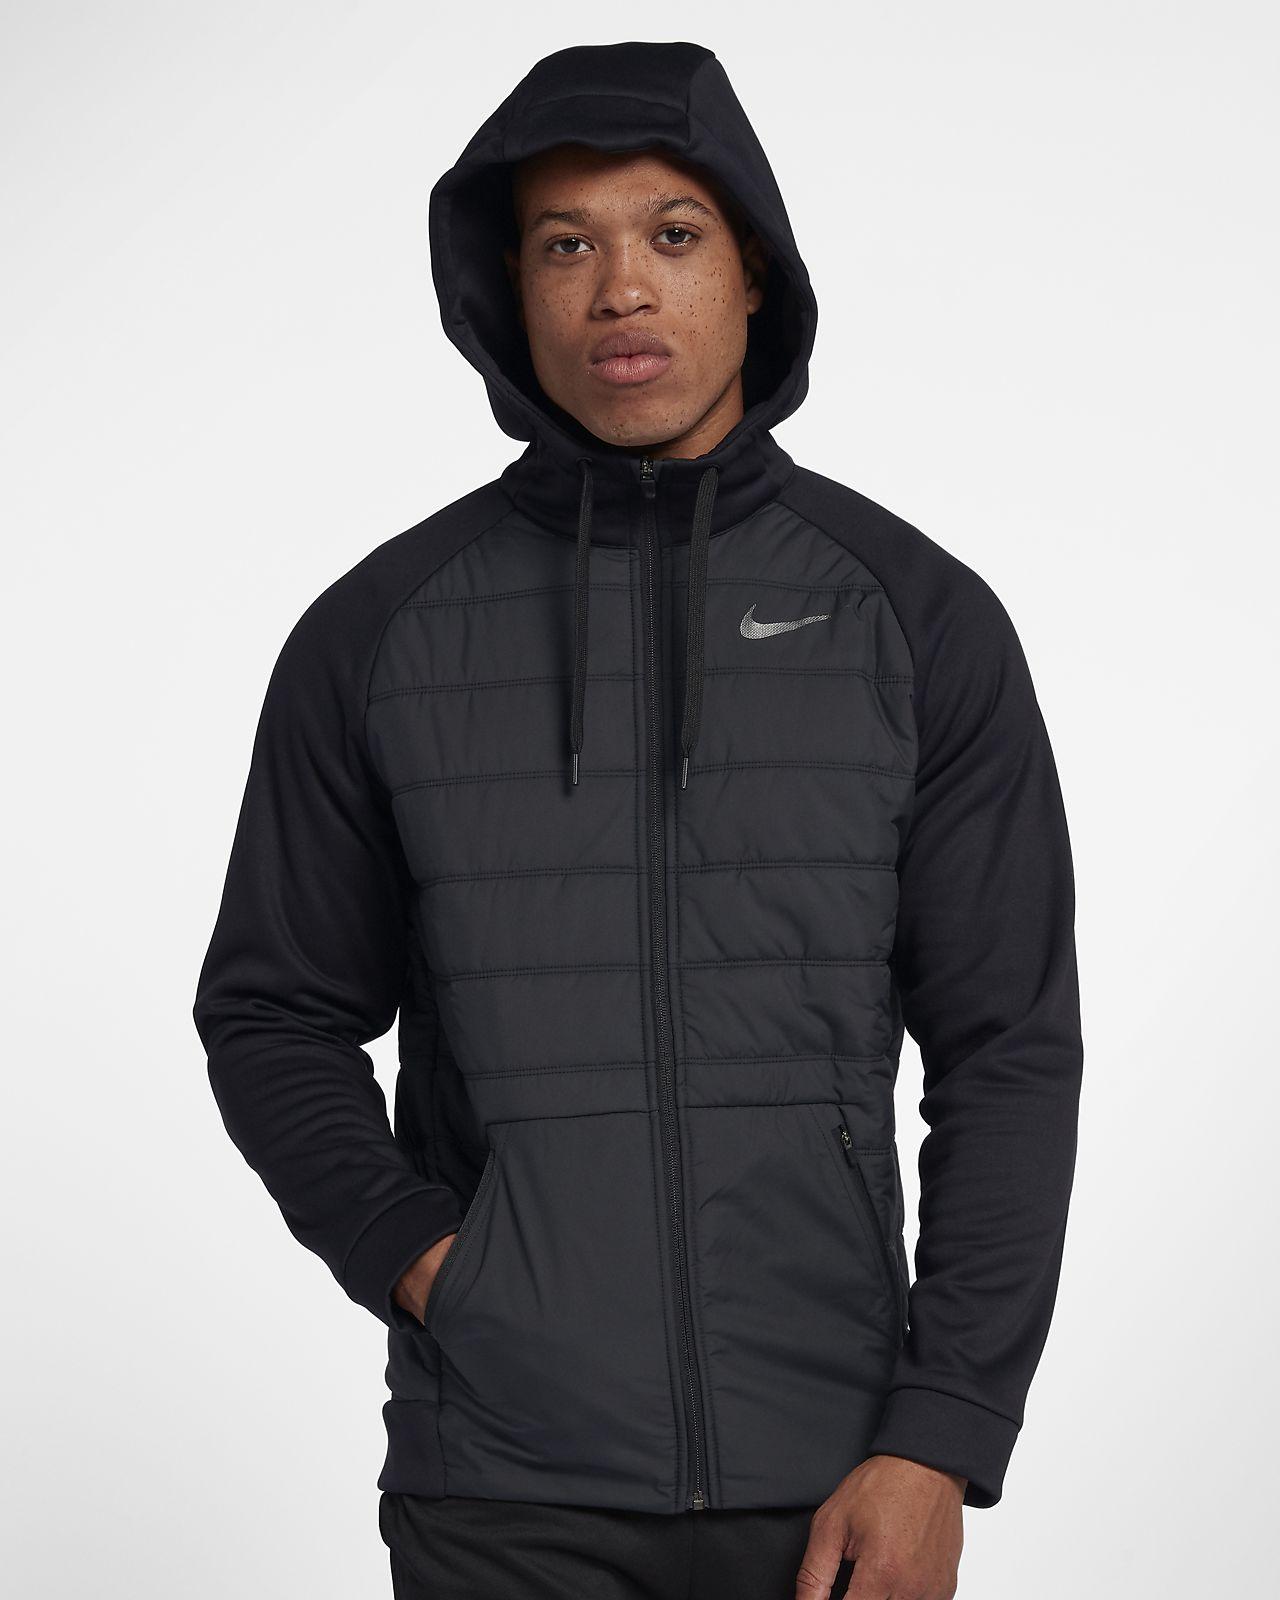 Nike Therma Winterized Men's Full-Zip Hoodie